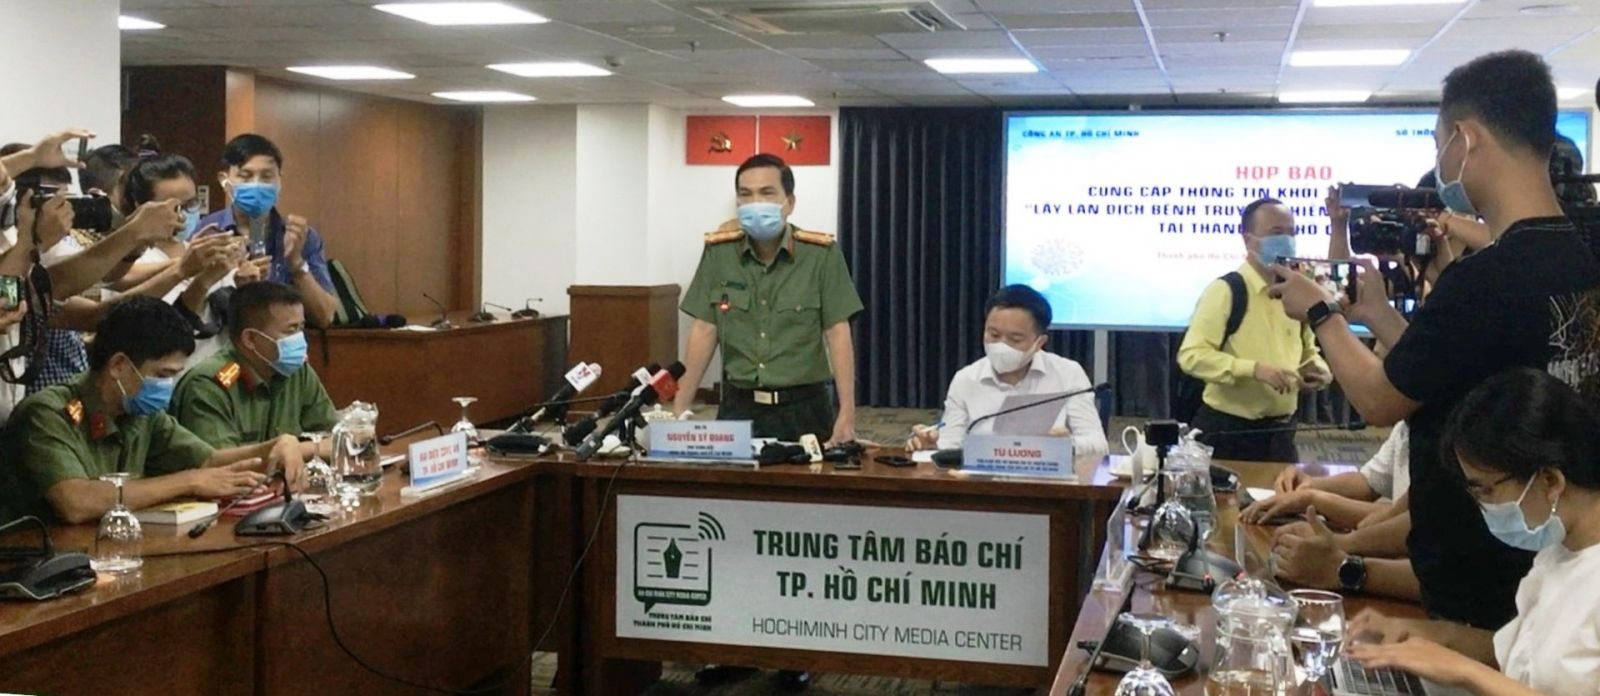 Ông Nguyễn Sỹ Quang, Phó Giám đốc Công an TPHCM phát biểu tại họp báo. Ảnh: VGP